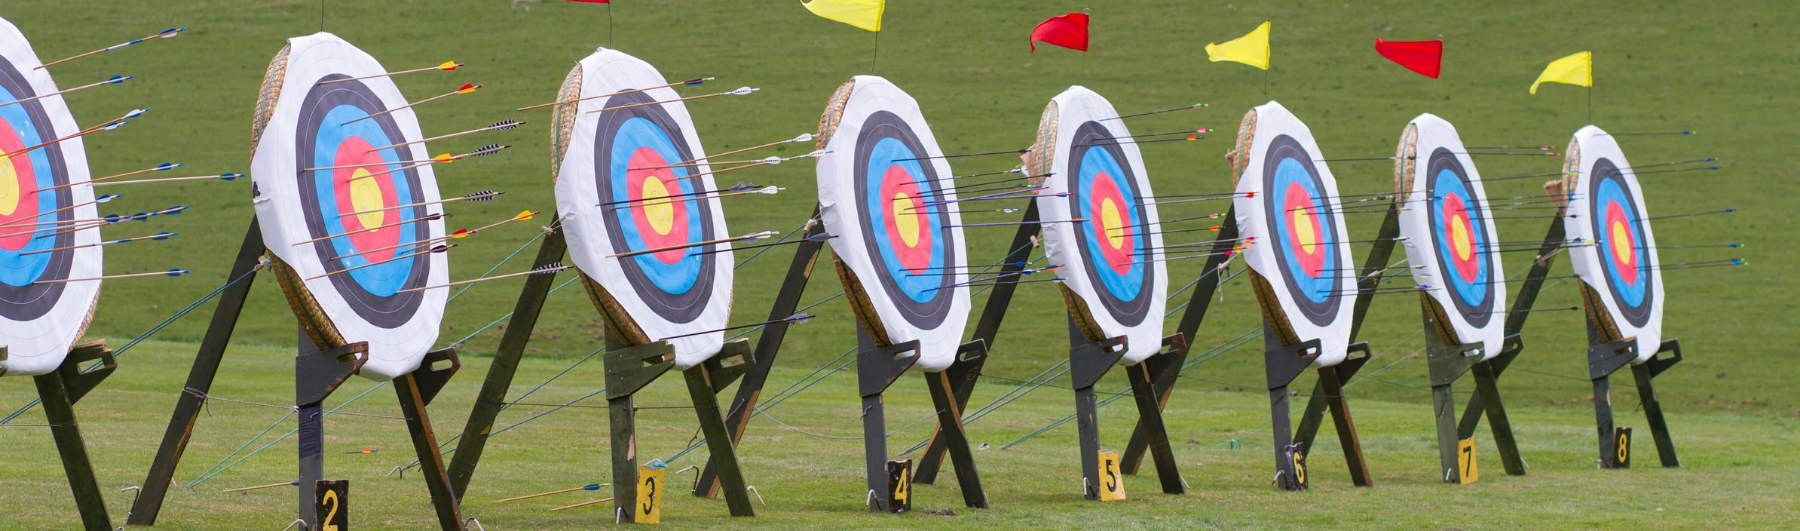 Archery Data Feed